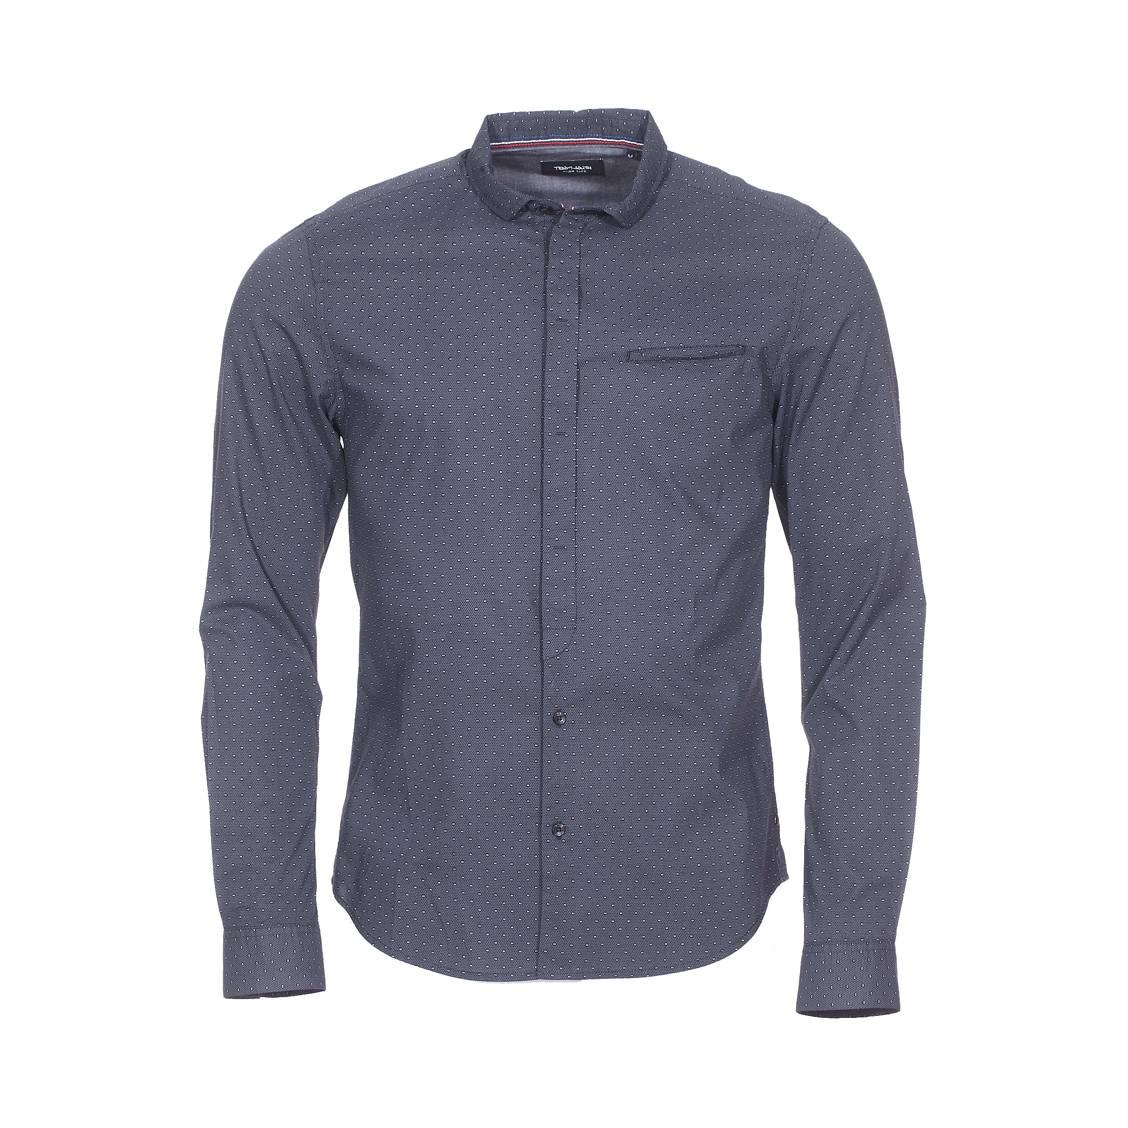 Chemise ajustée  crezus en coton noir à motifs gris anthracite et blancs